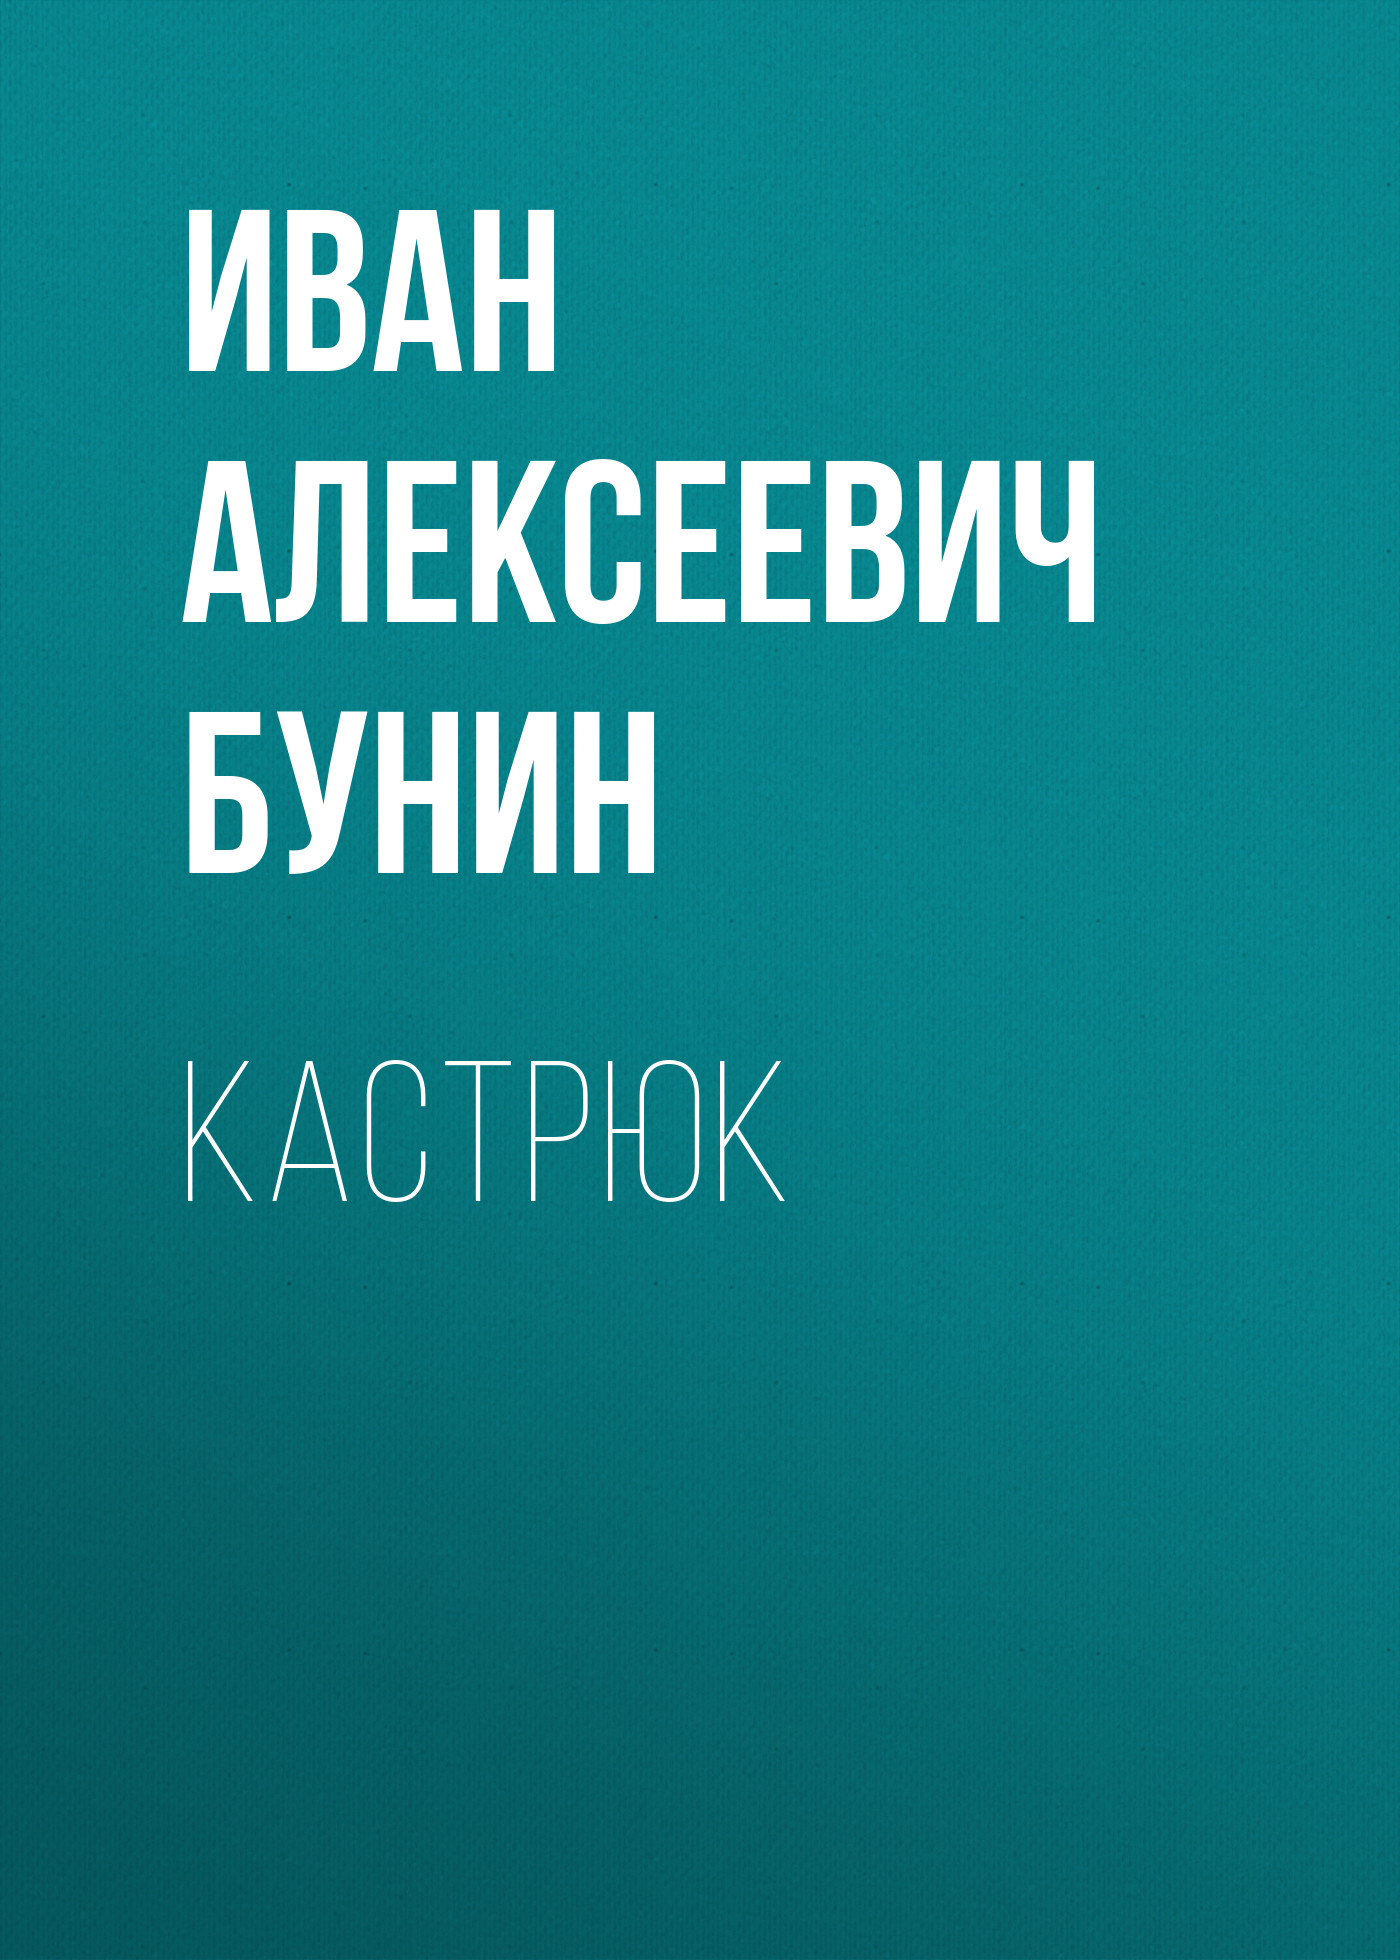 цена на Иван Бунин Кастрюк